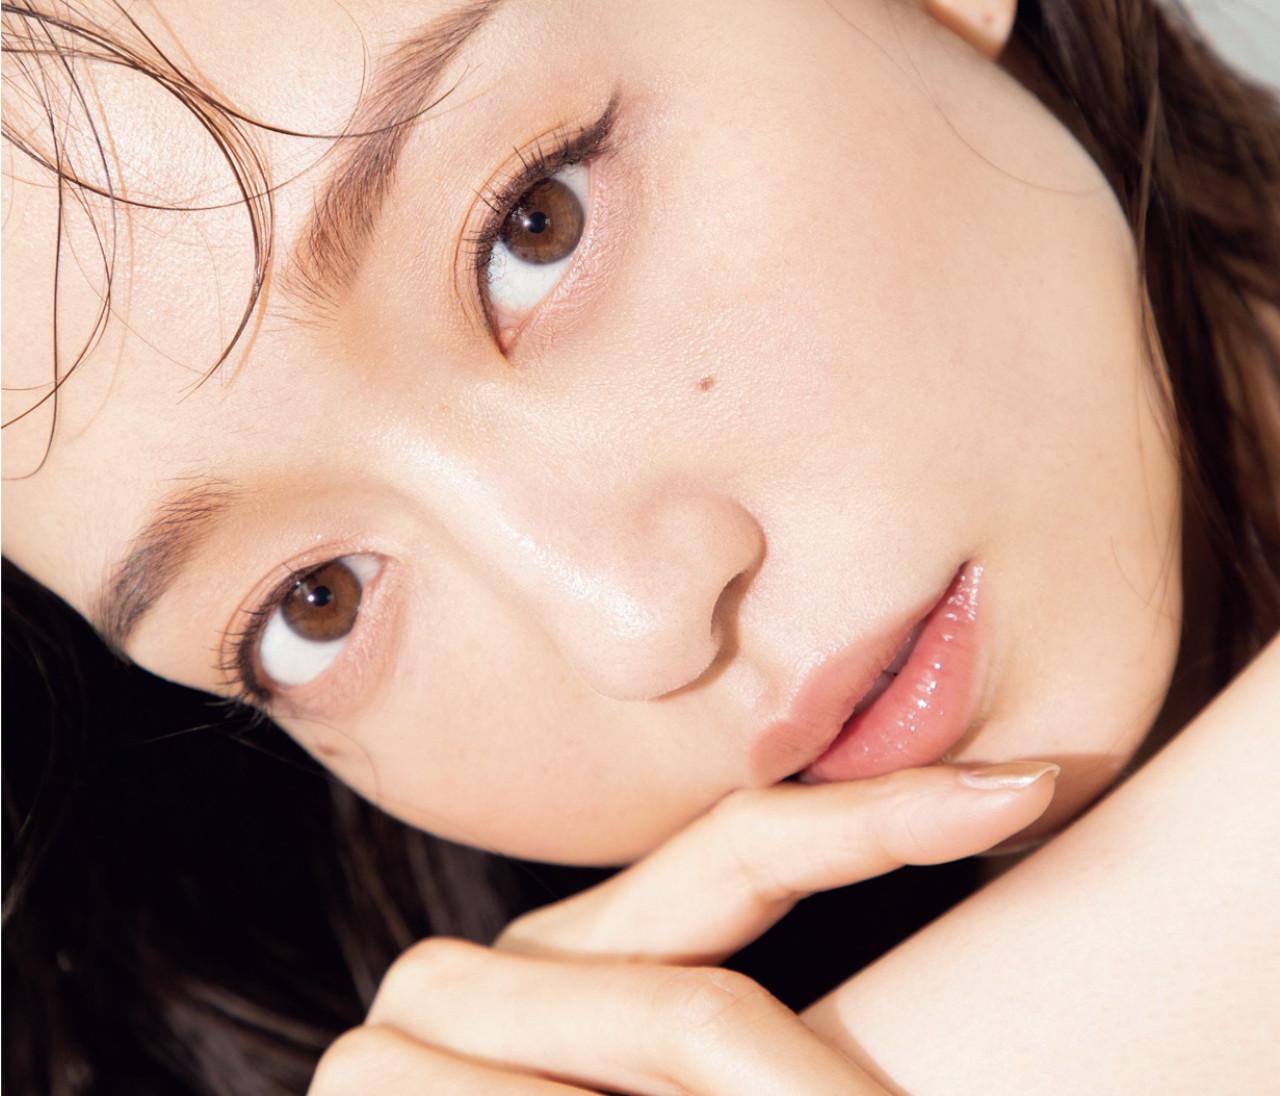 【松島 花のモデルデビュー20周年Q&A 2】愛用コスメや家トレグッズ、美容家電まで。美のヒミツを公開!